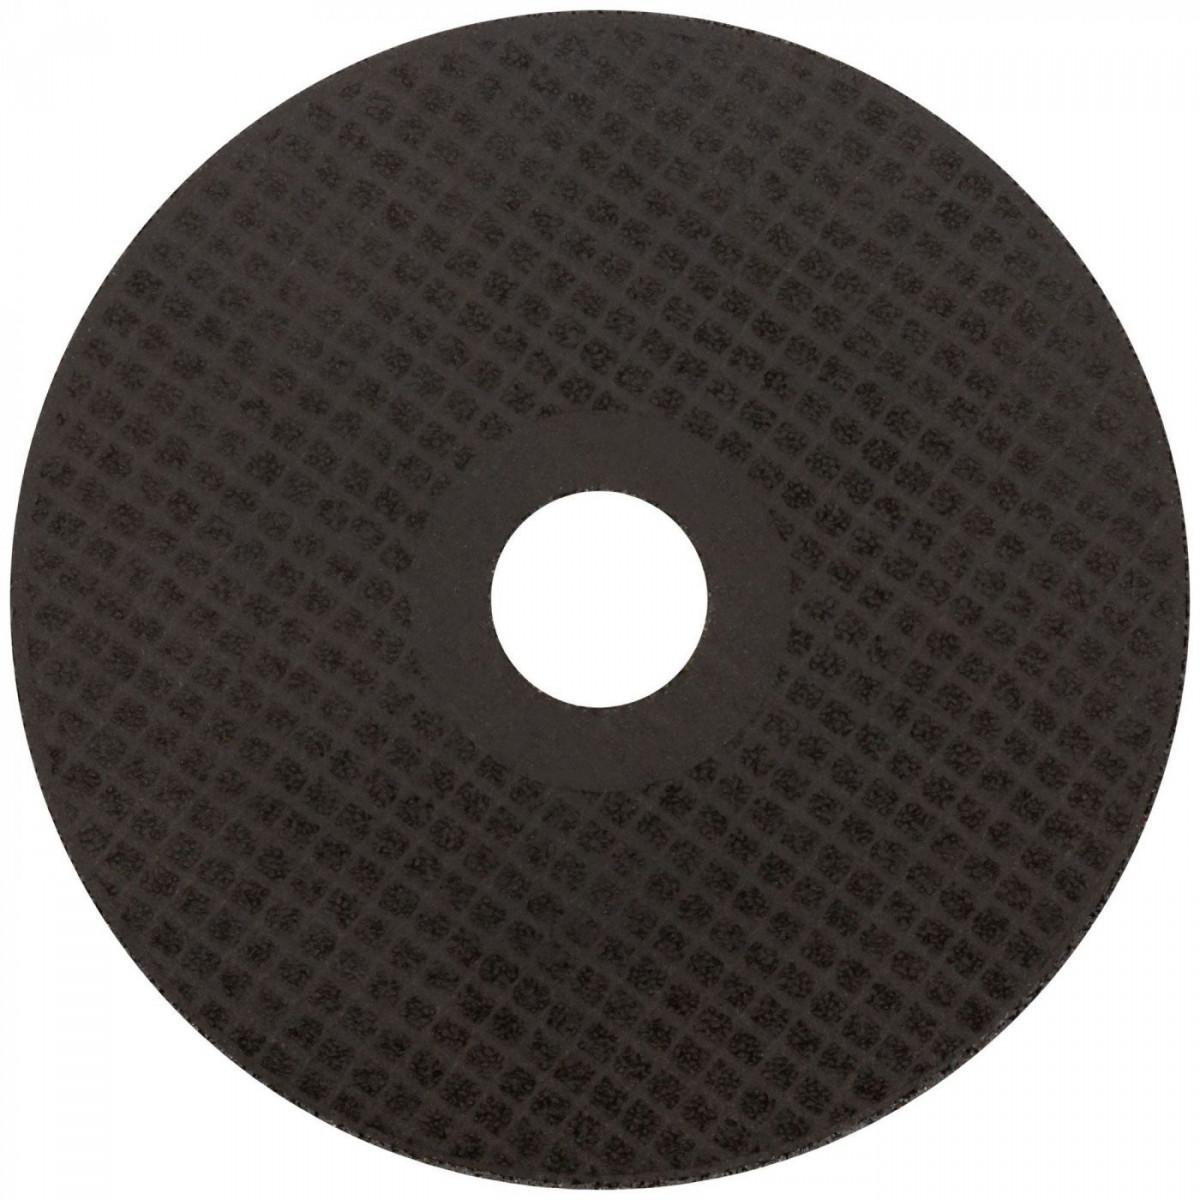 Профессиональный диск отрезной по металлу Т41-125 х 2,5 х 22,2 (10/50/200), Cutop Profi